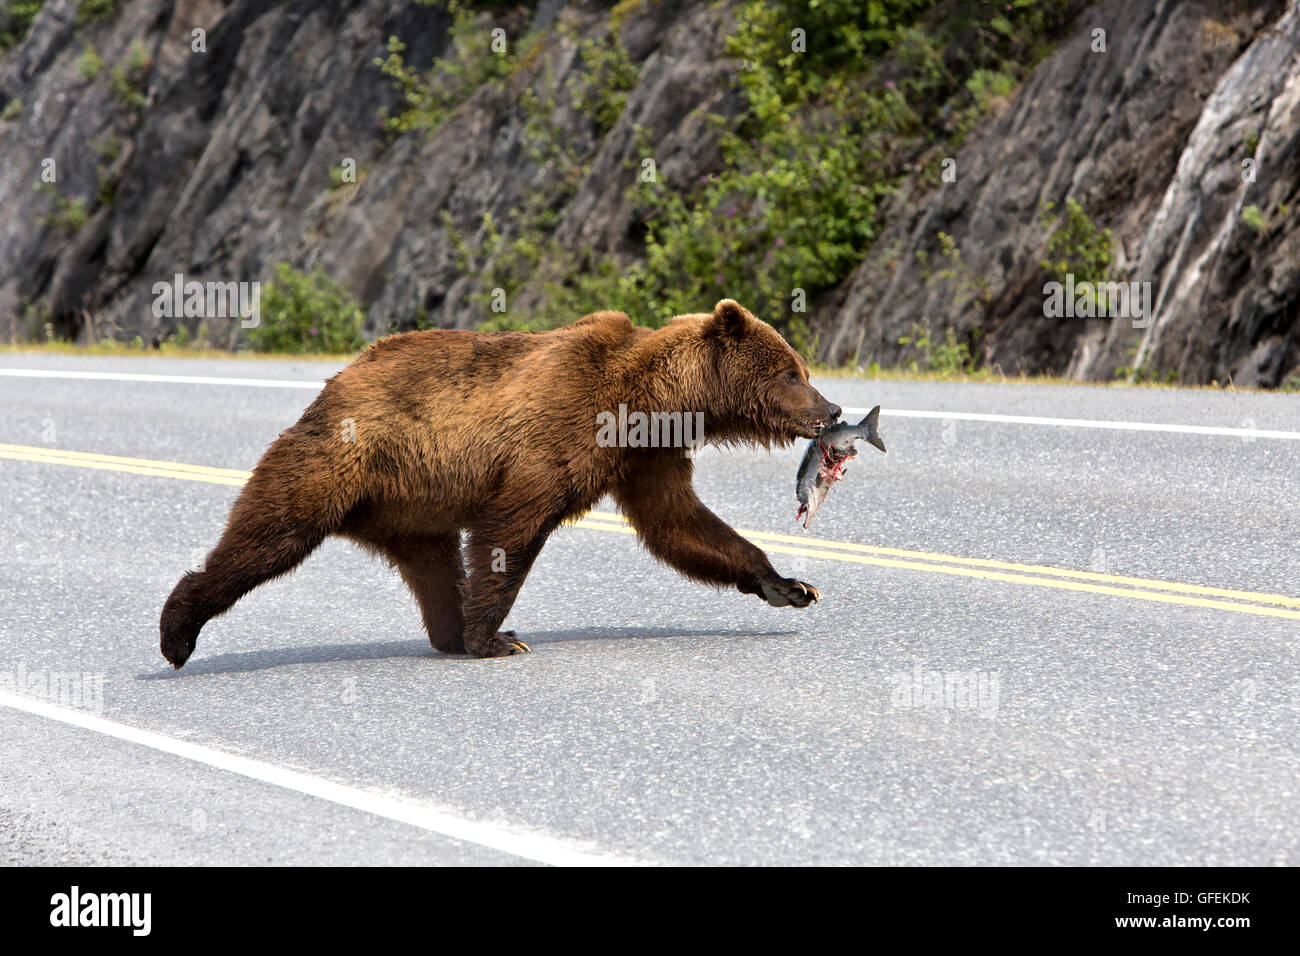 Macho joven Grizzly Bear llevar salmón cruce de autopistas del estado de Alaska. Imagen De Stock